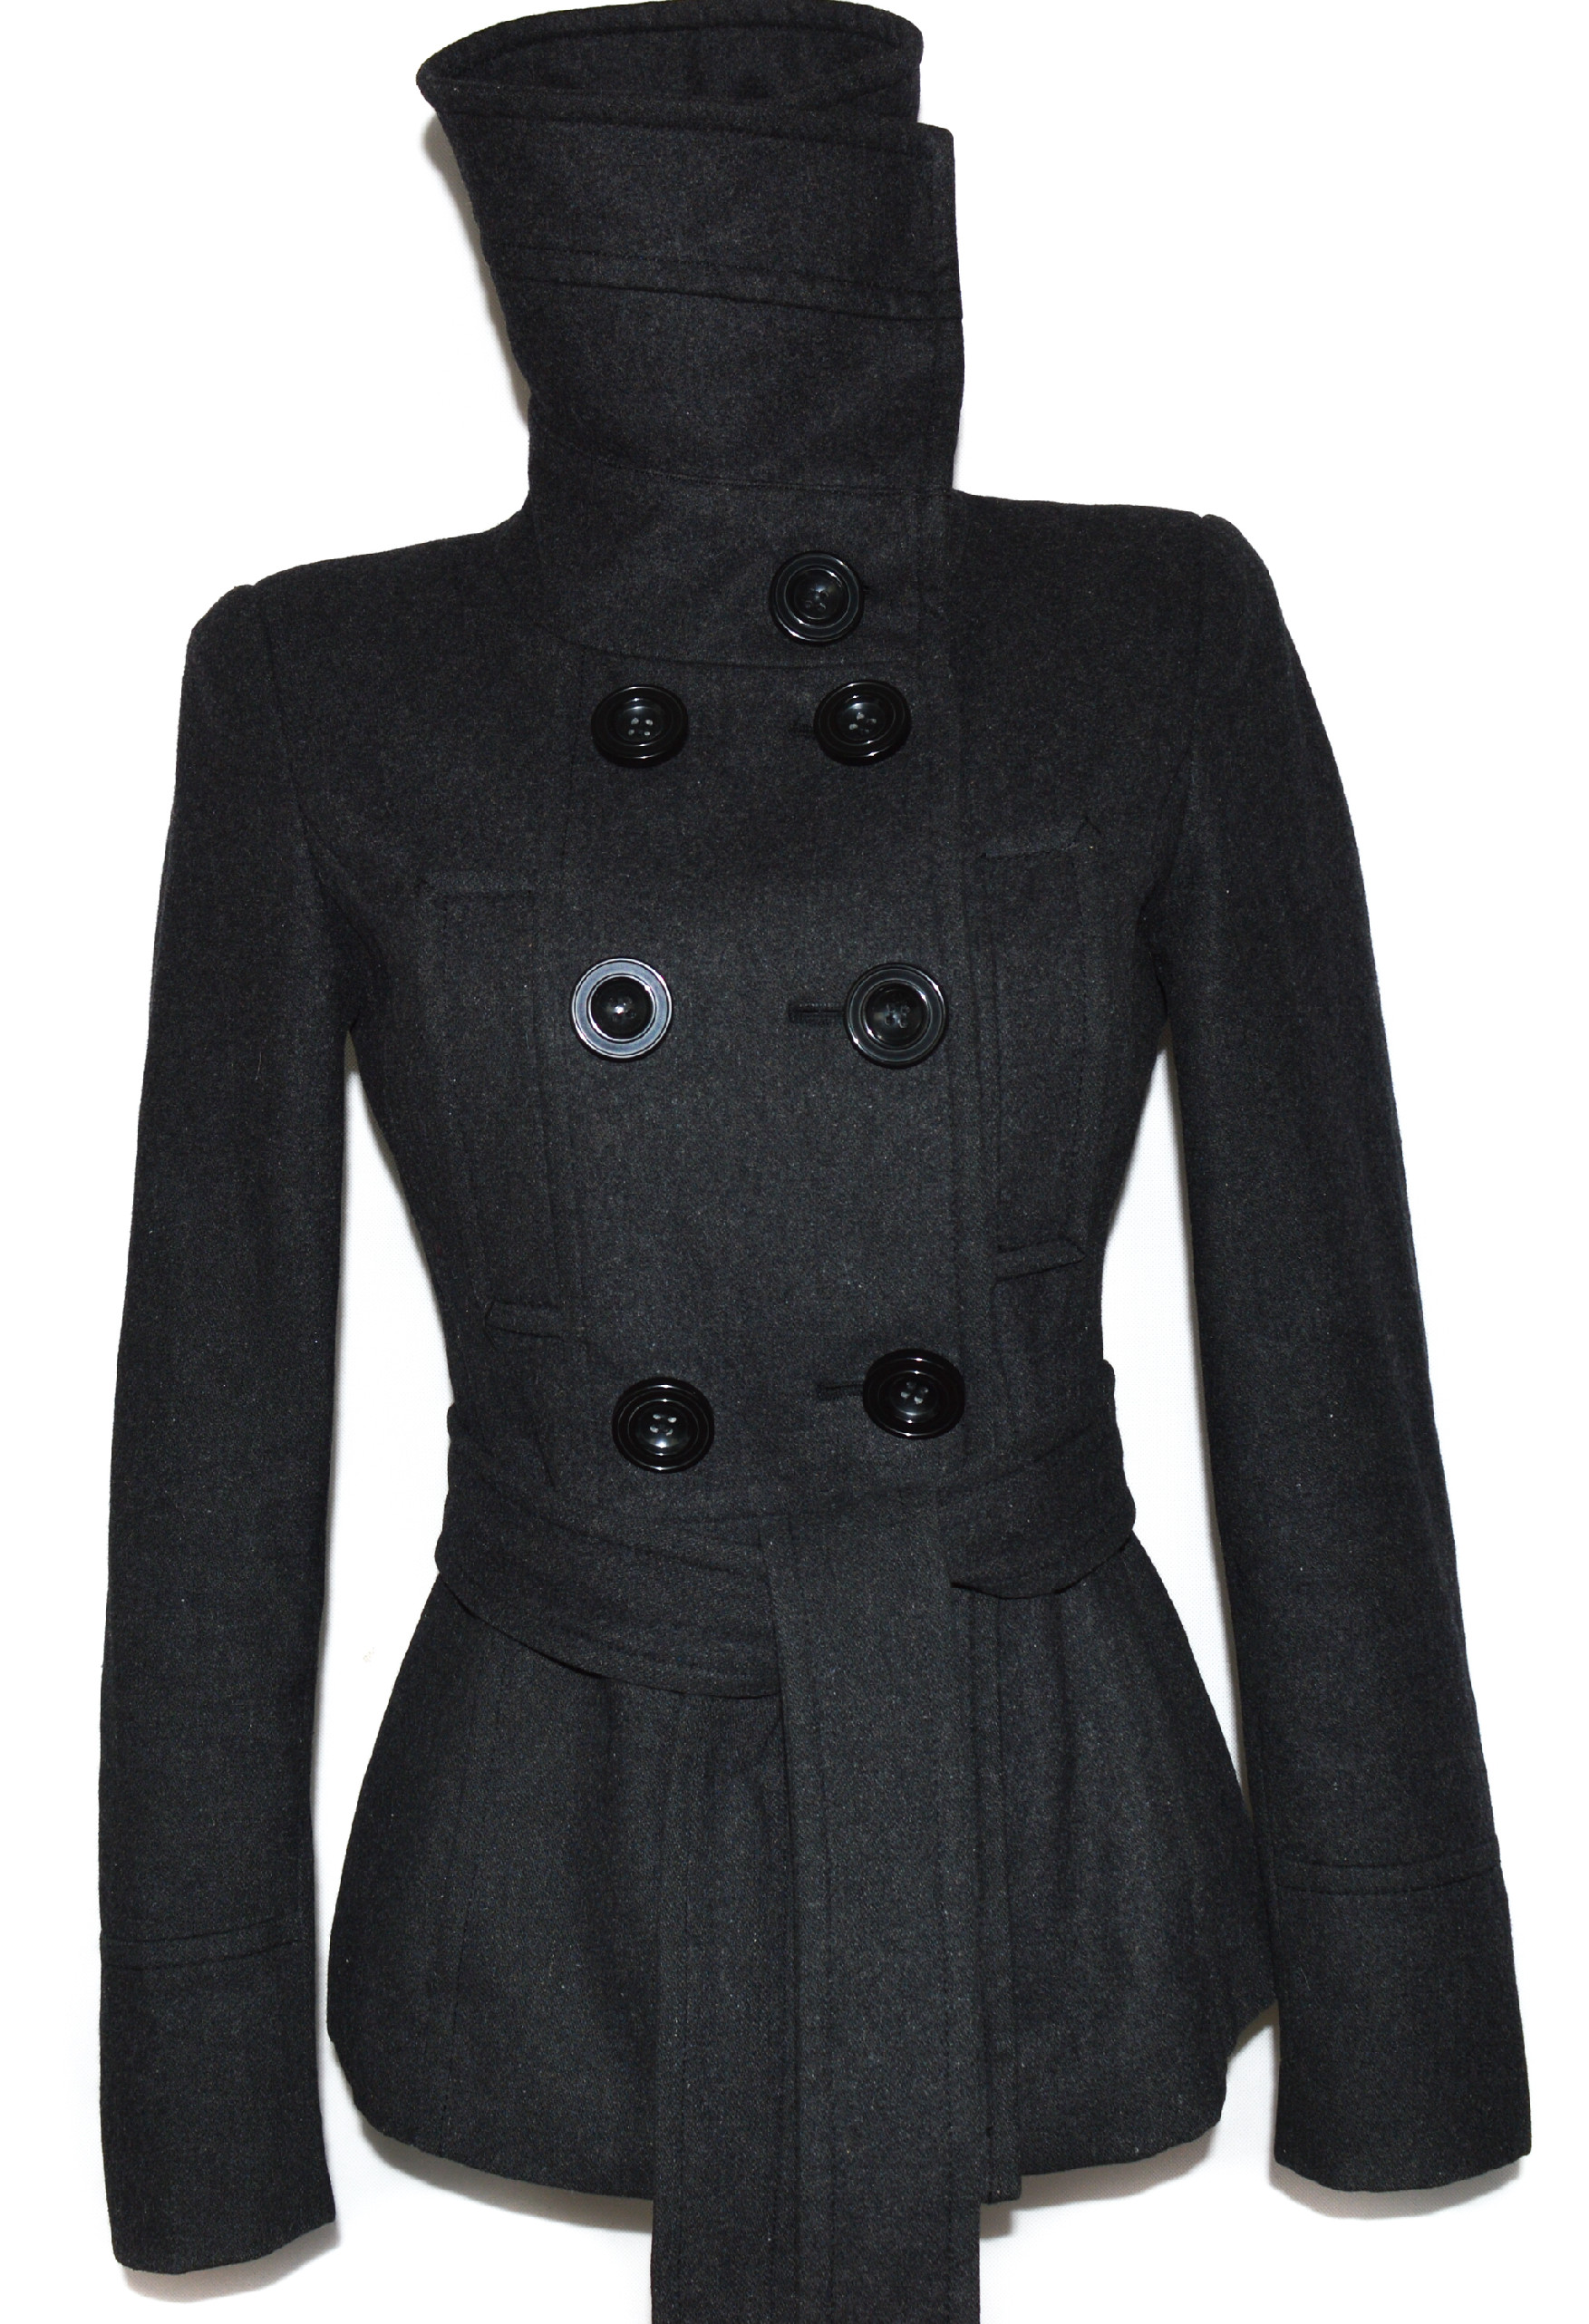 Vlněný (60%) dámský šedý kabát s páskem ZARA M